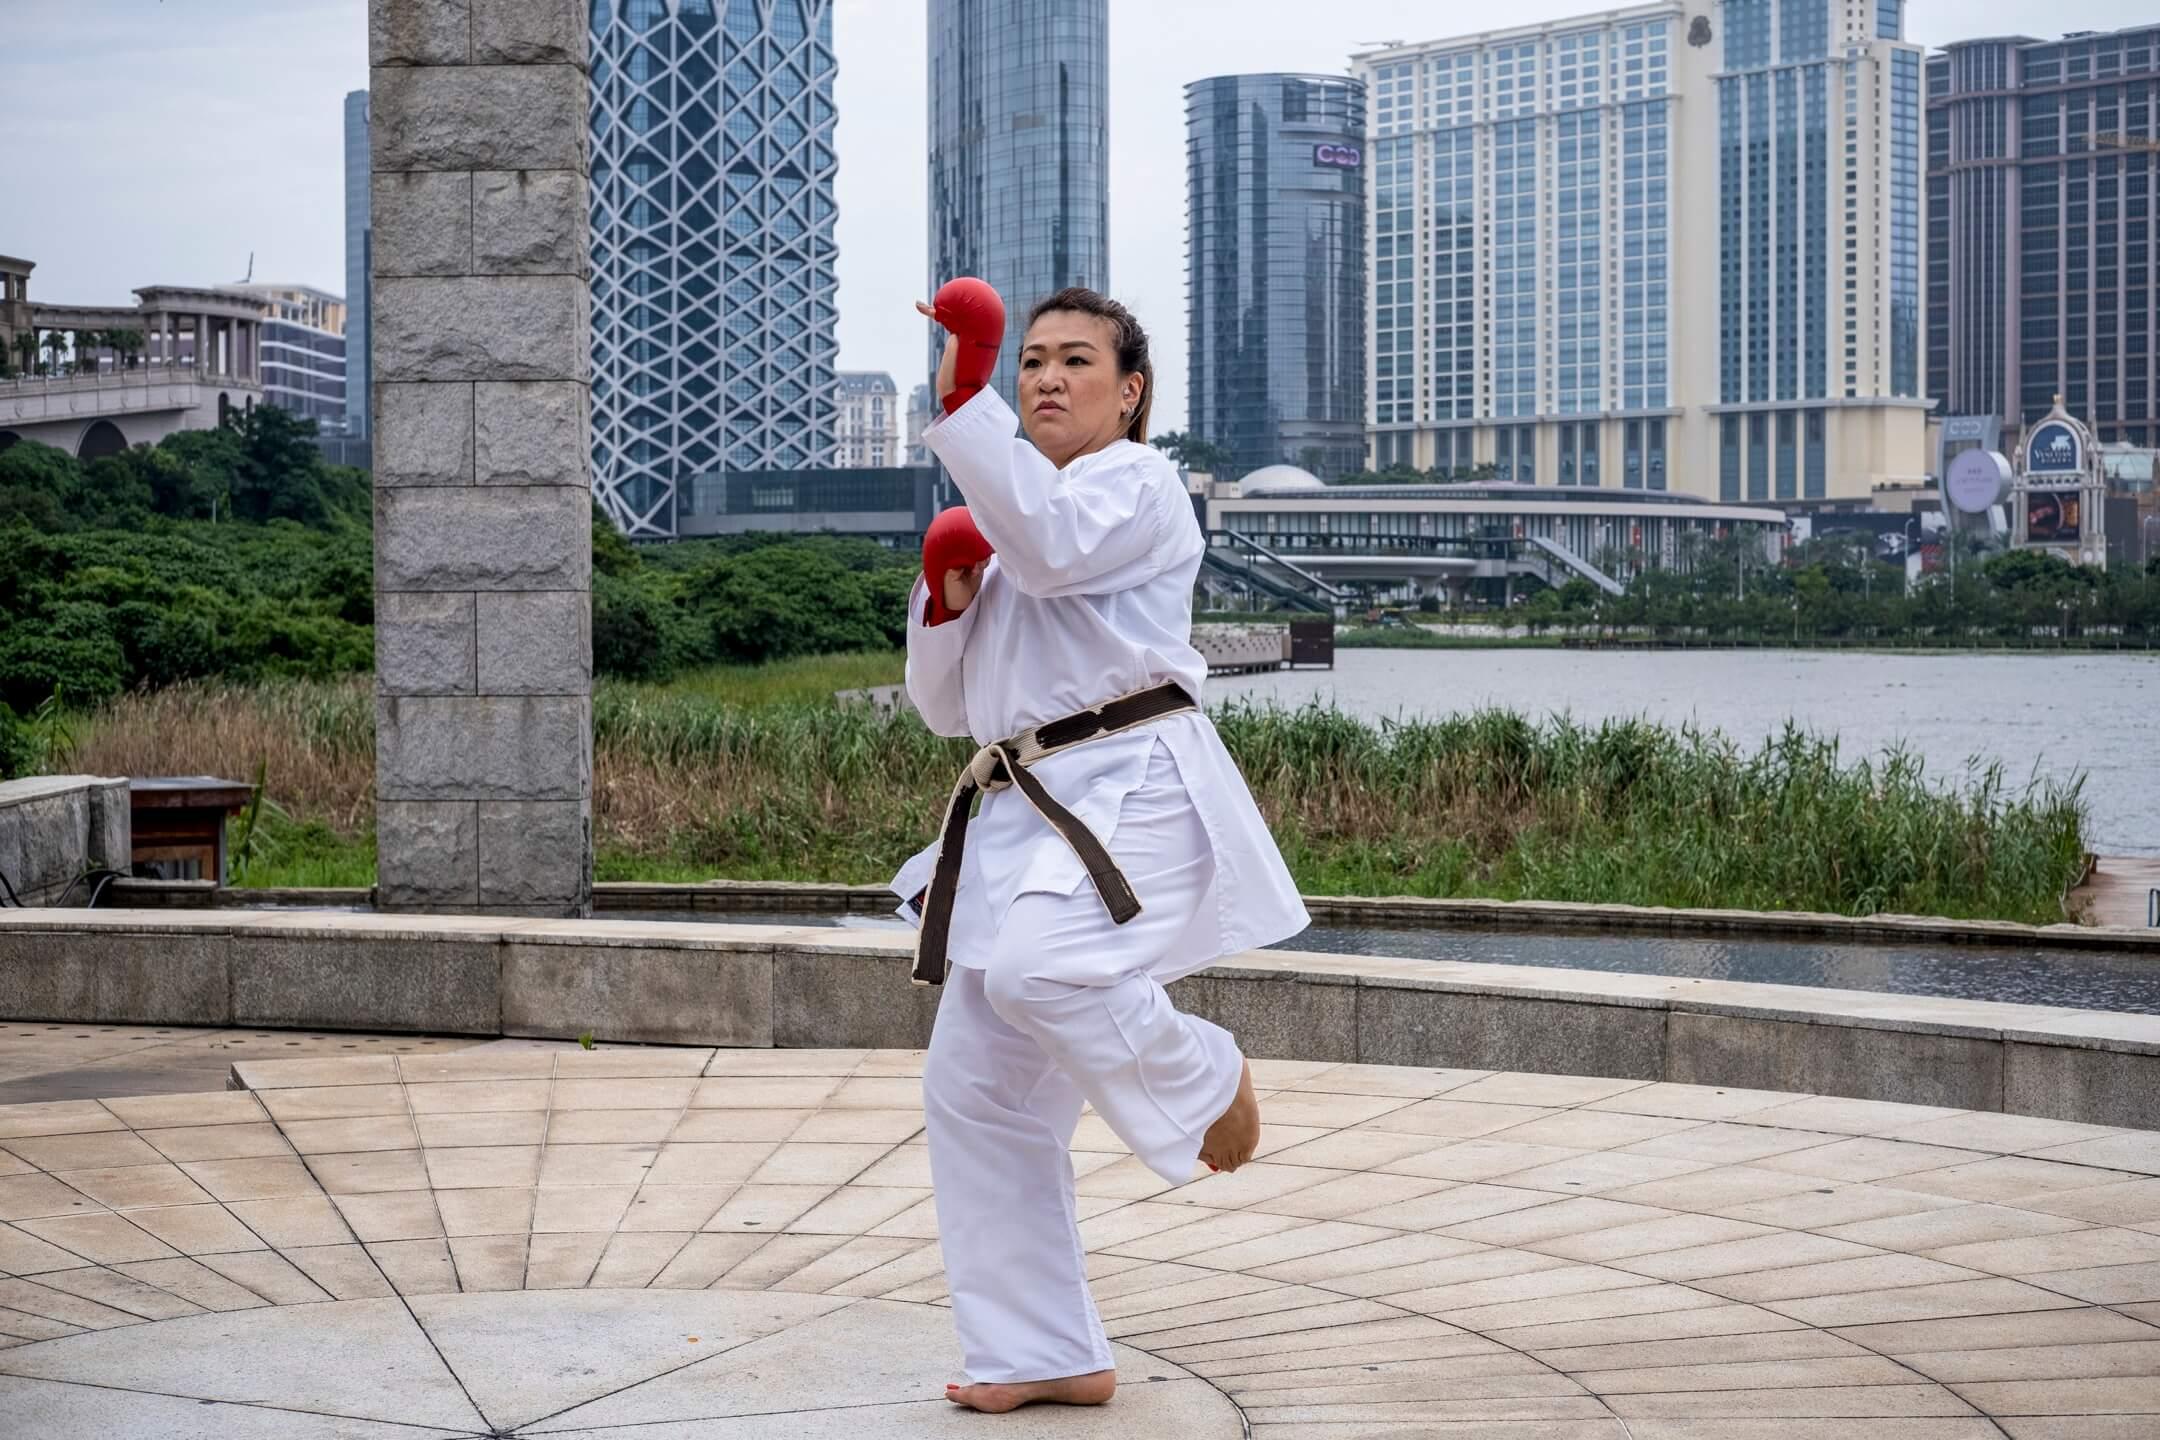 2021年8月7日上午,日本東京奧運即將角逐空手道奬牌賽之際,賈嘉慧穿上空手道袍,在澳門氹仔龍環葡韻示範空手道架式。